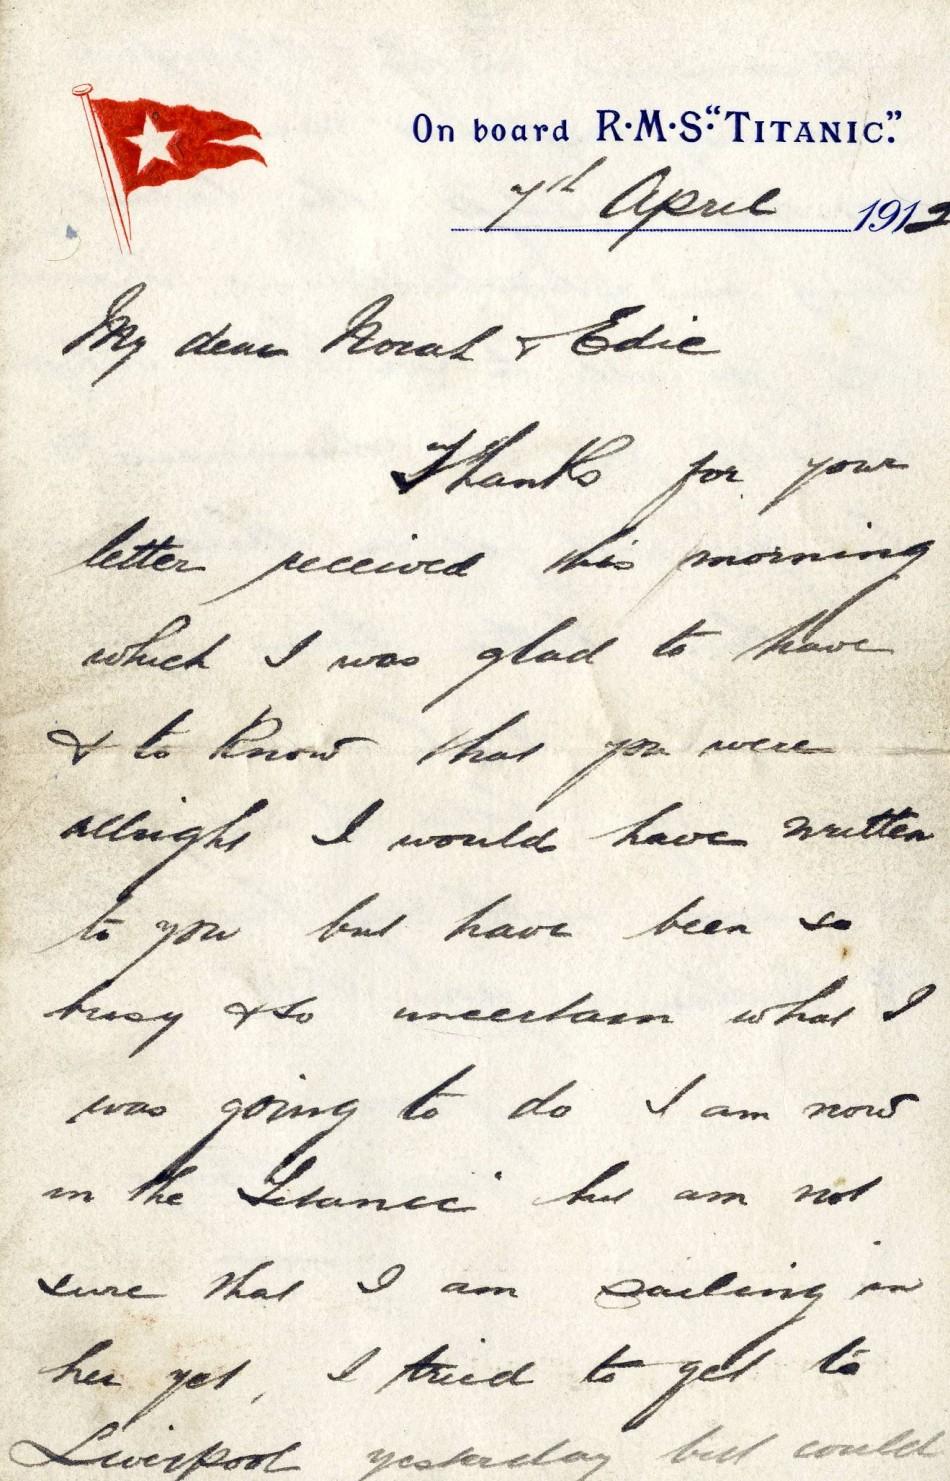 Henry Wilde's letter